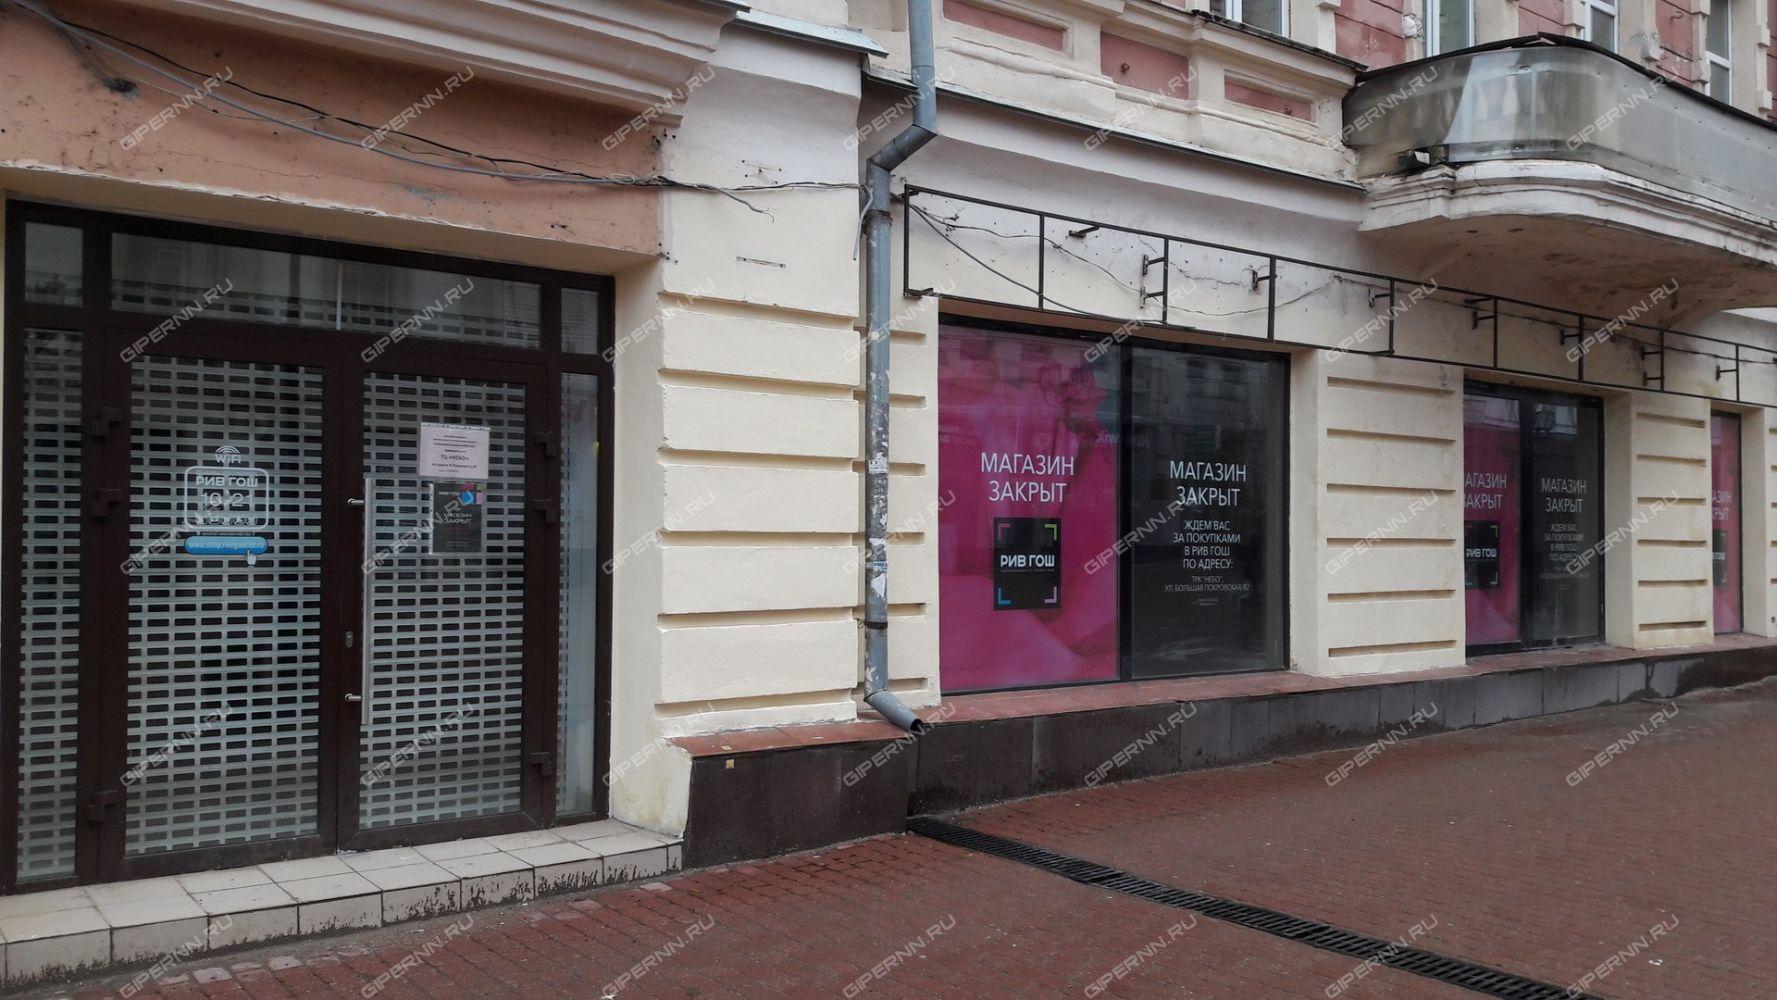 Нижний новгород аренда коммерческой недвижимости на ул.б.покровская центр 2 железнодорожный коммерческая недвижимость